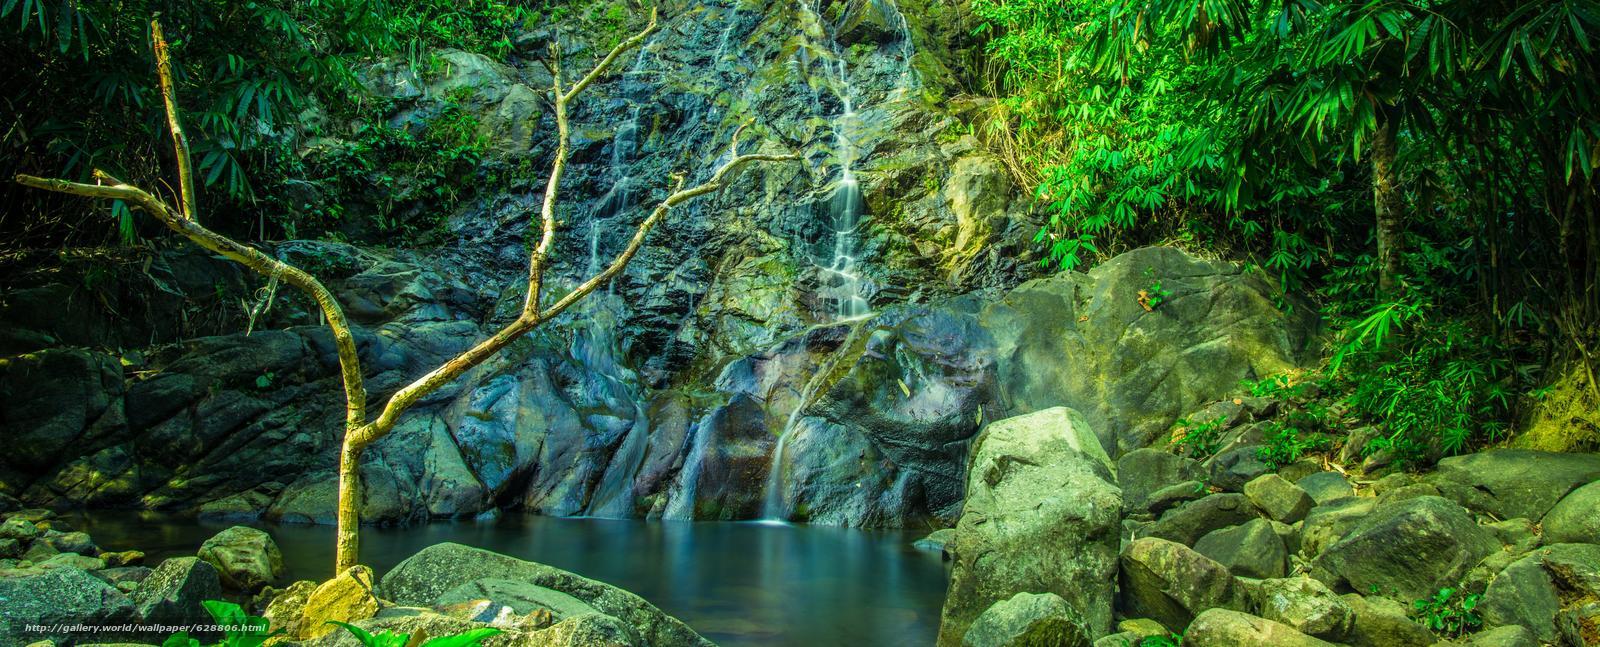 скалы, камни, водопад, водоём, деревья, природа